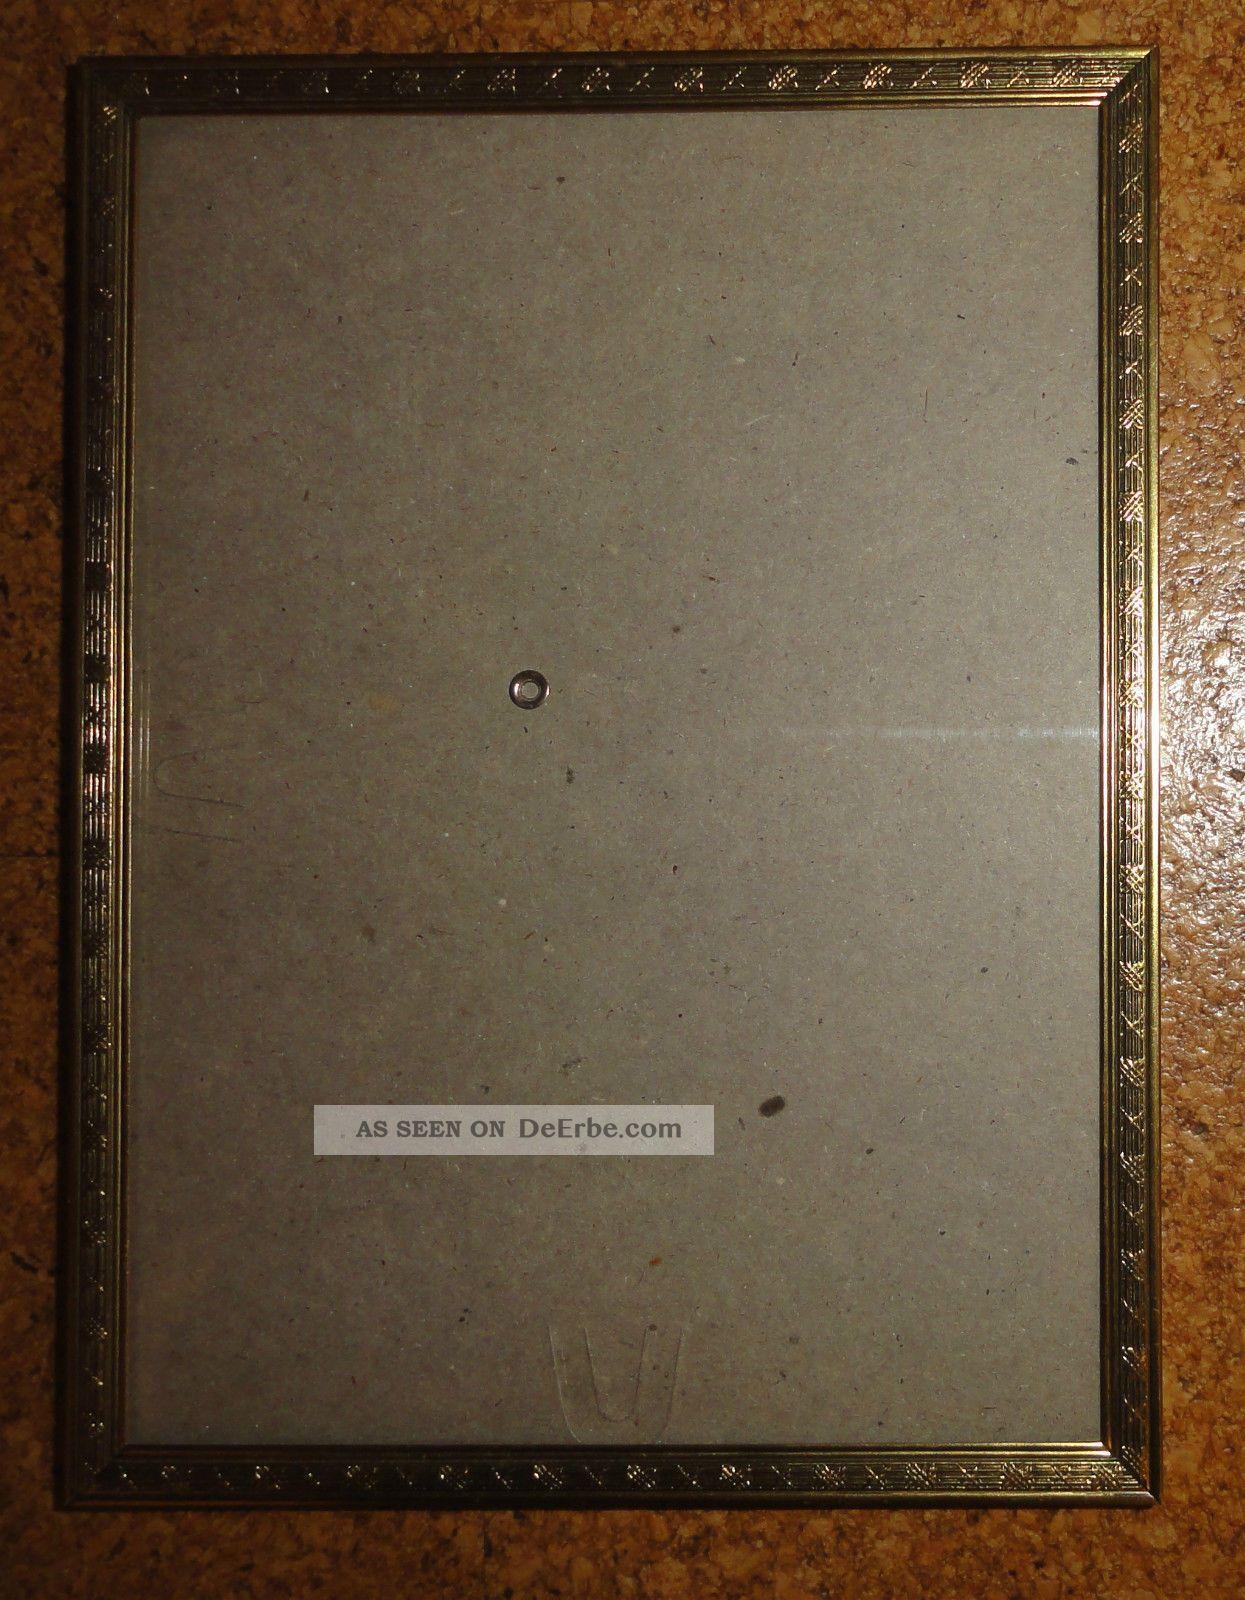 Alter Zierrahmen Messing Bilderrahmen Rahmen Fotos 18 X 24 M ...